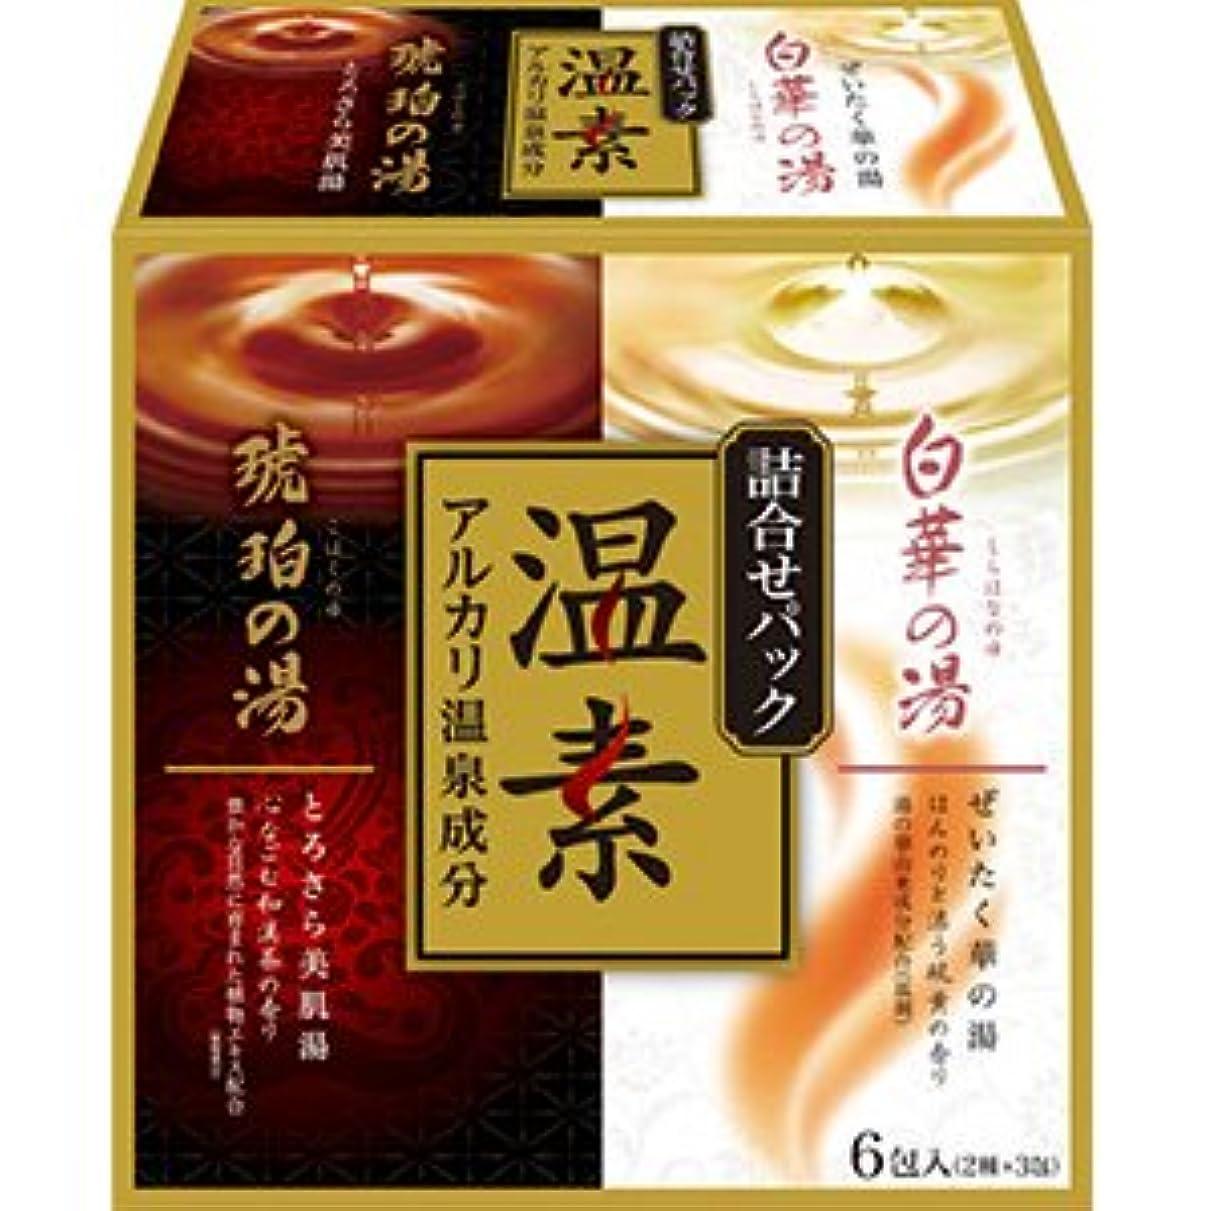 弱める酸化する俳優温素 琥珀の湯&白華の湯 詰合せパック × 16個セット